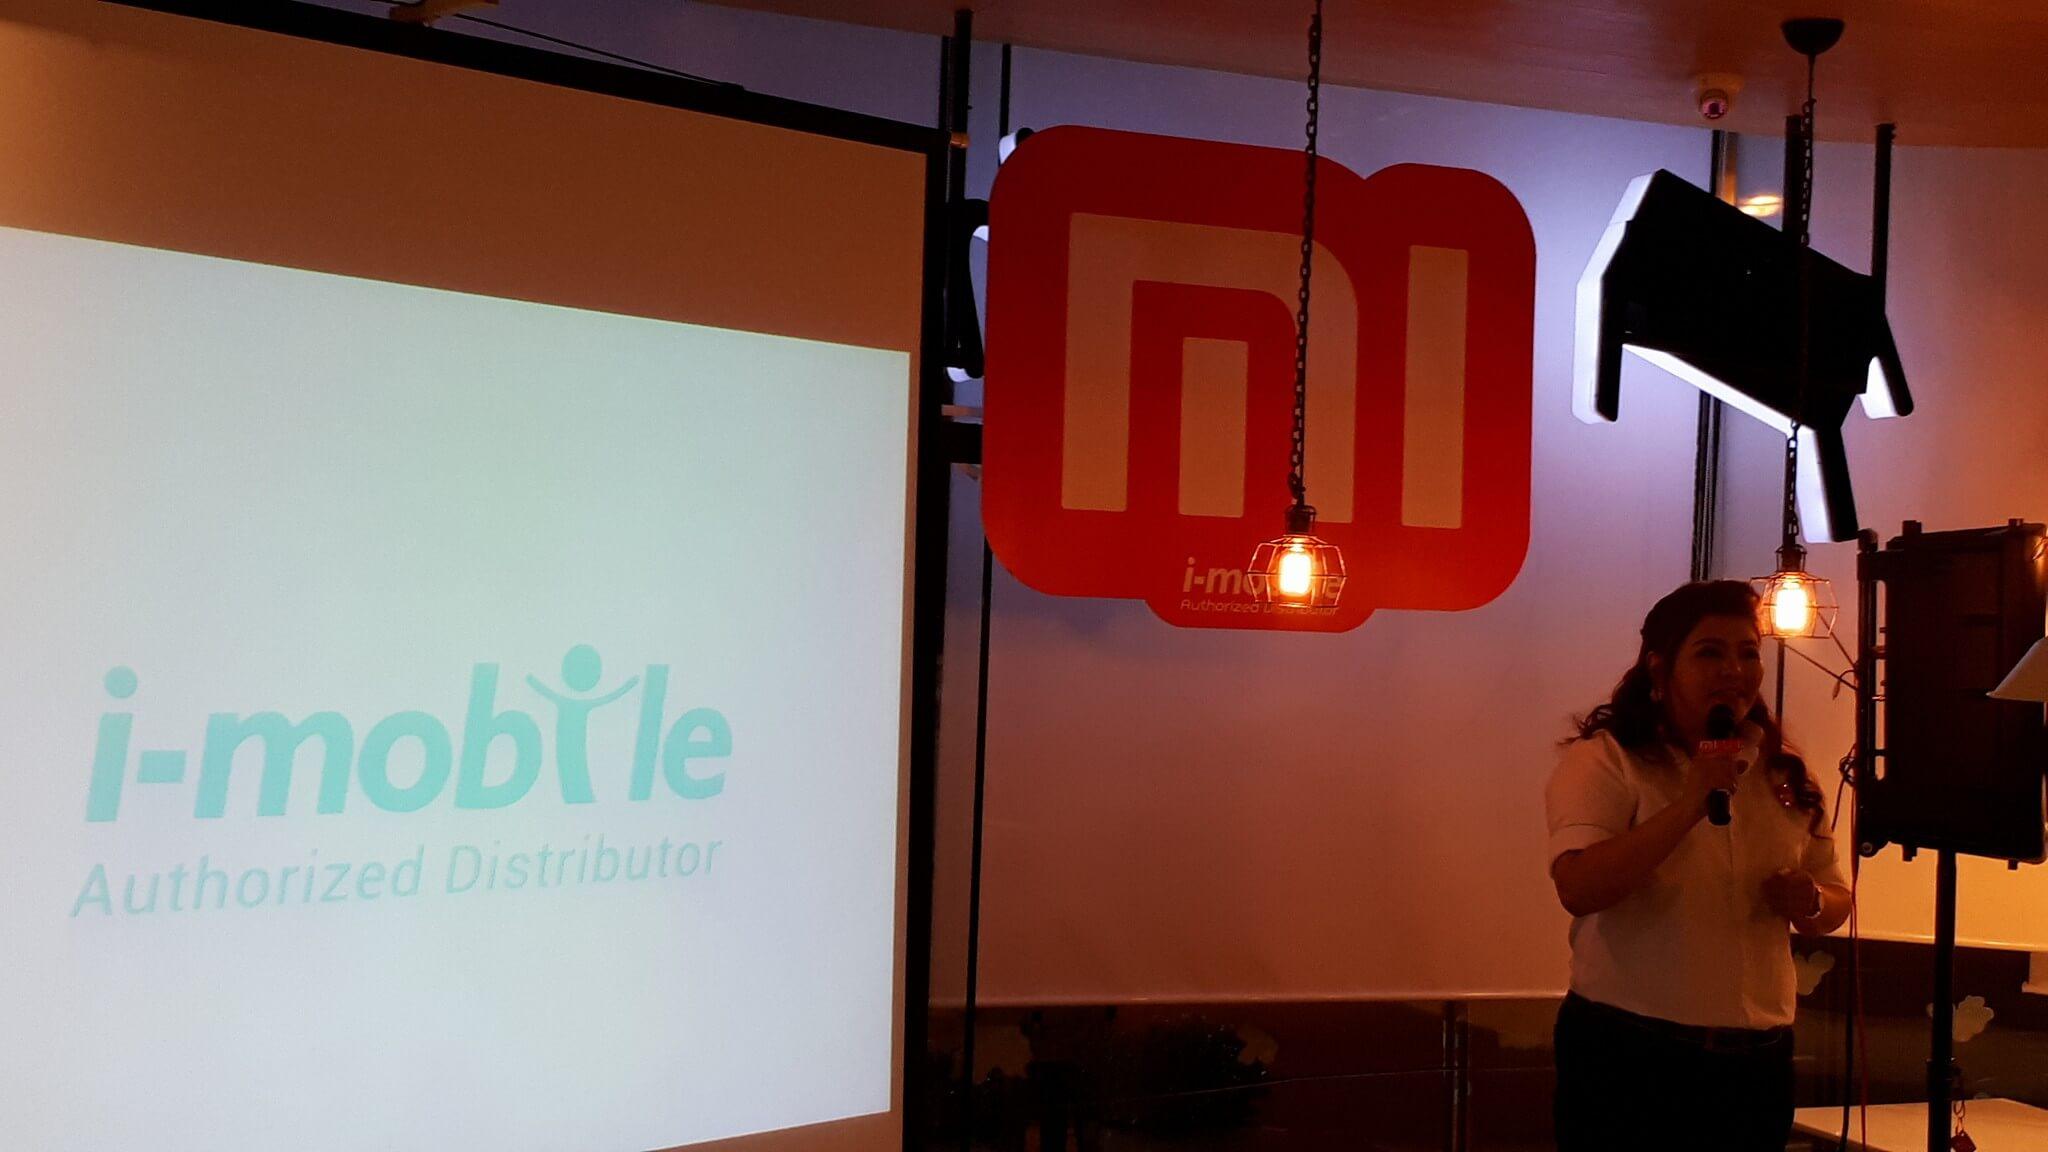 ในที่สุด ก็ถึงเวลาของ Mi หรือ Xiaomi เครื่องศูนย์ จาก OPEN SHOP by i-mobile